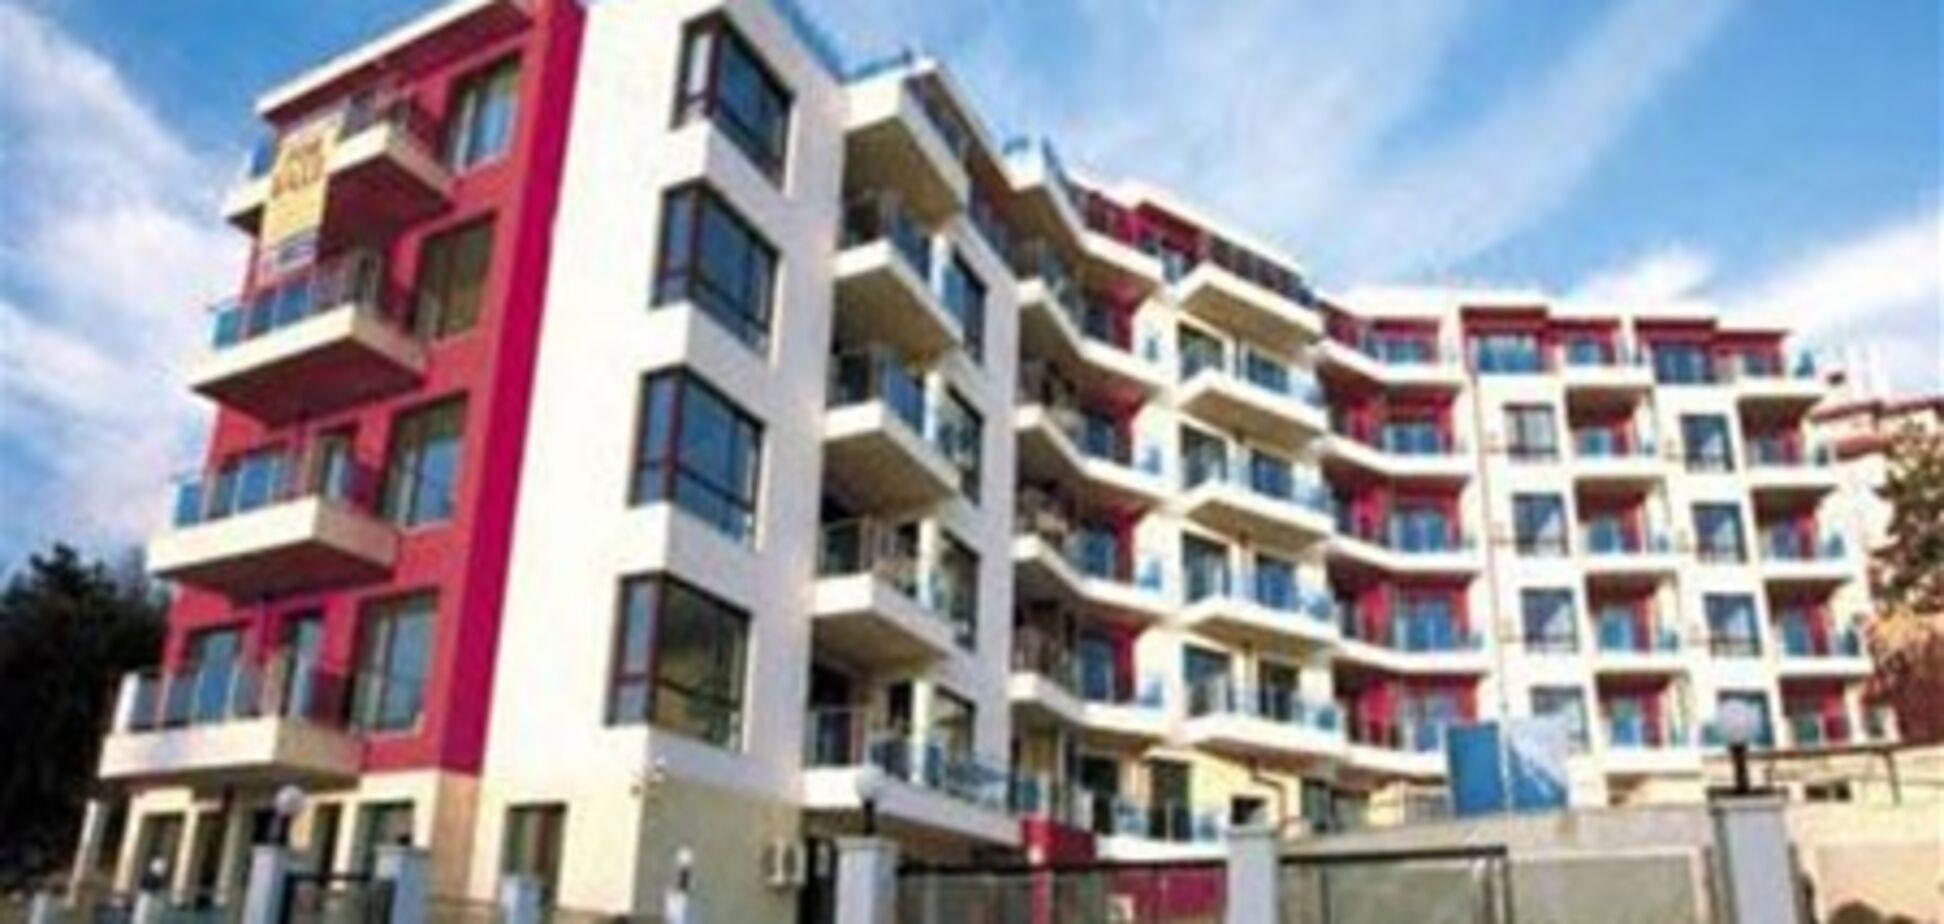 Квартиры в Болгарии дорожать не будут - эксперты